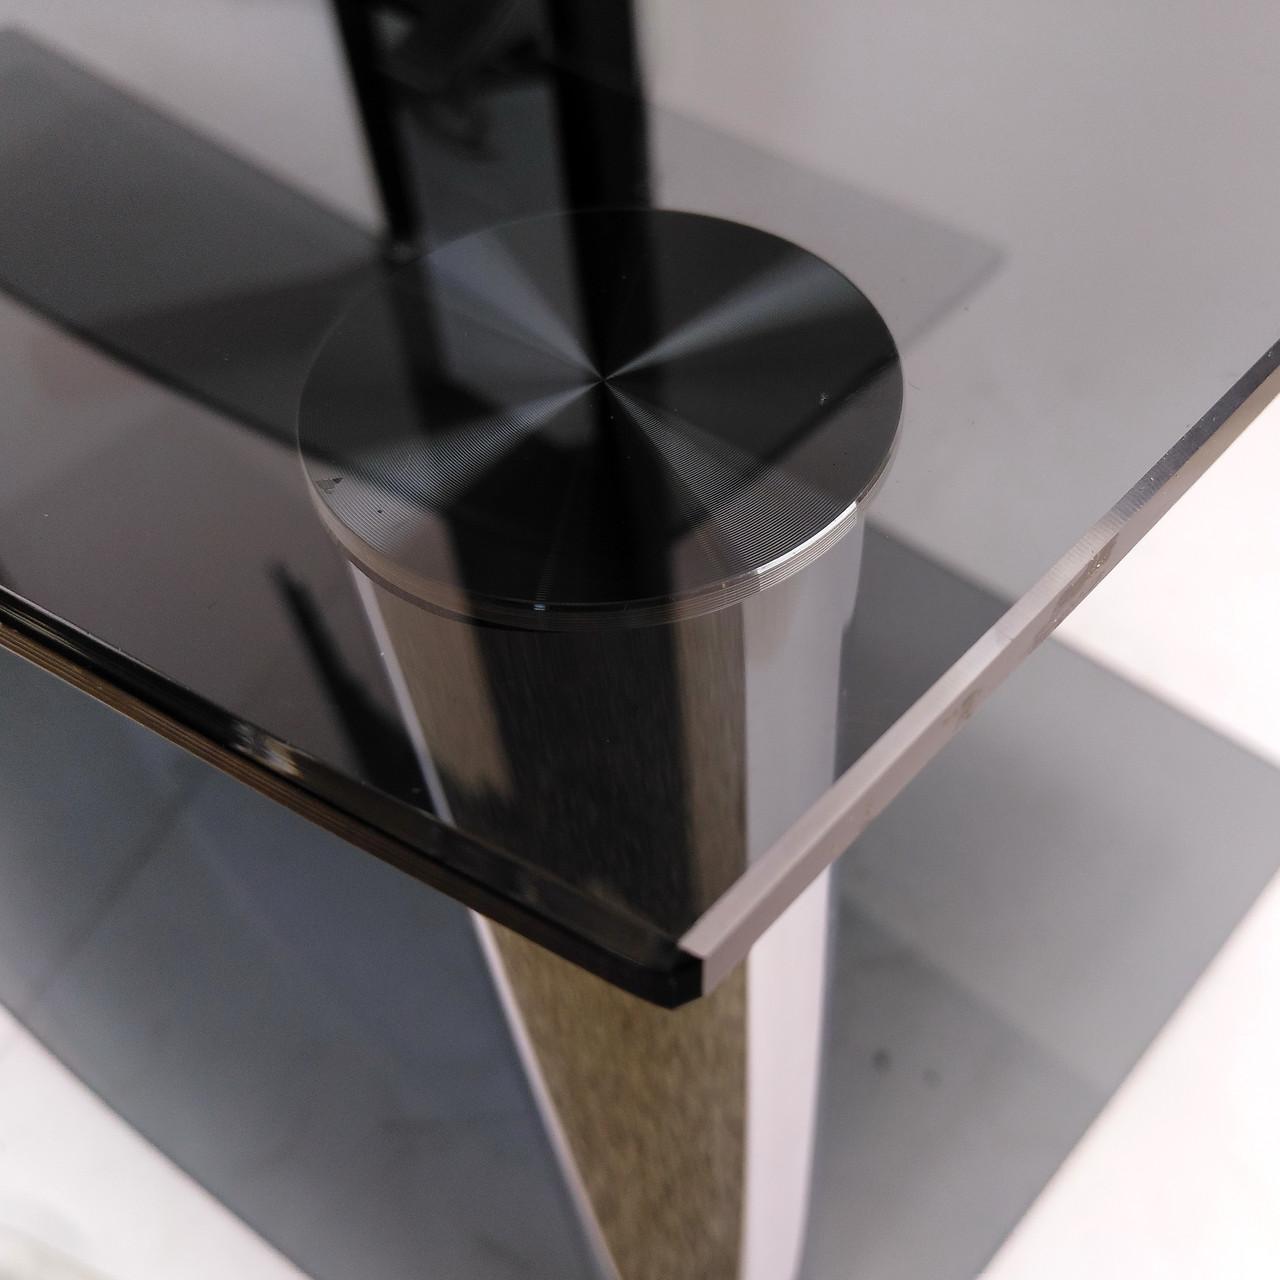 Стекло цвета Графит эффектно сочетается с черным металлом опор и кабель-канала